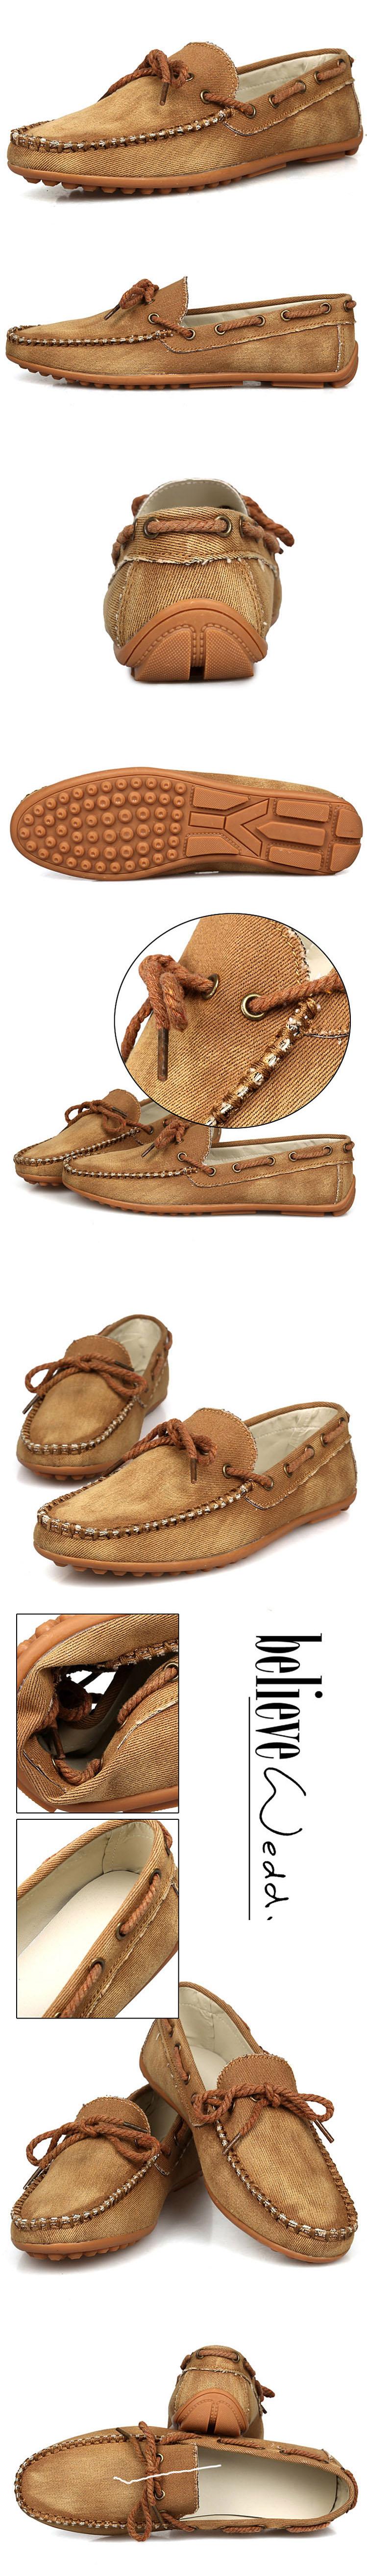 รองเท้าผู้ชาย   รองเท้าแฟชั่นชาย รองเท้าผ้าใบ แฟชั่นเกาหลี